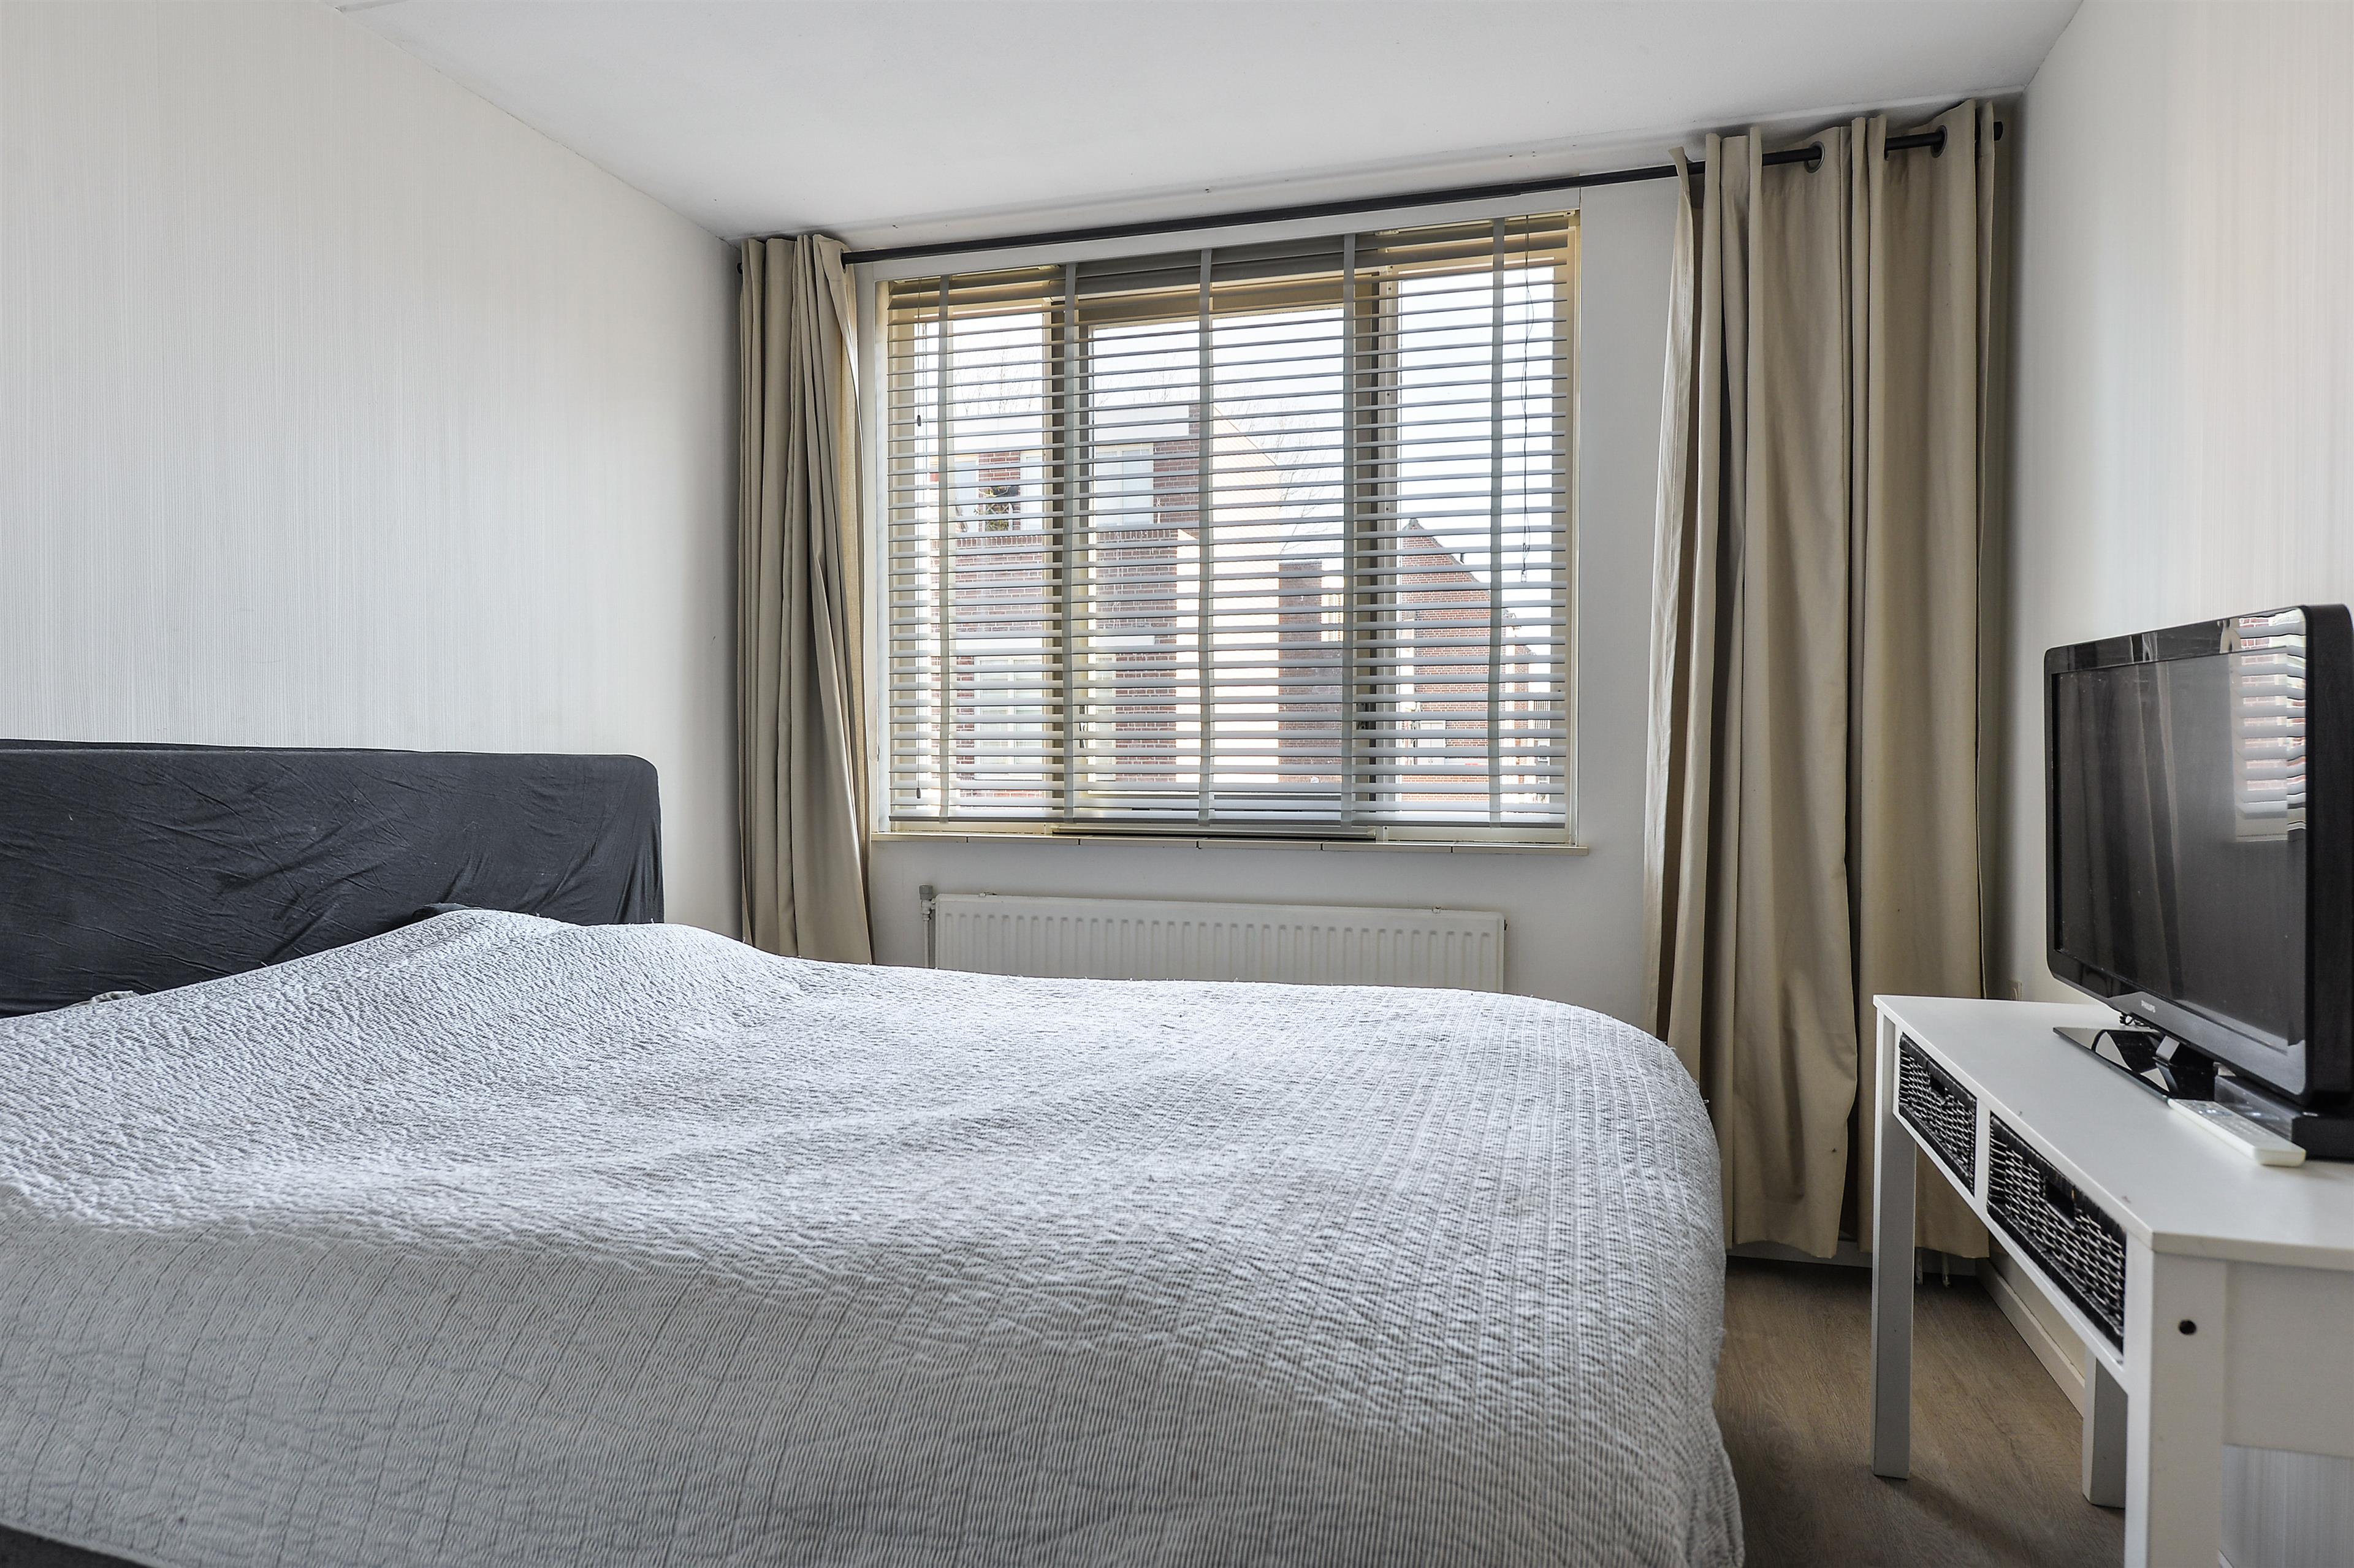 Rolgordijnen Slaapkamer 13 : Rolgordijnen slaapkamer blijf georganiseerd met een moderne